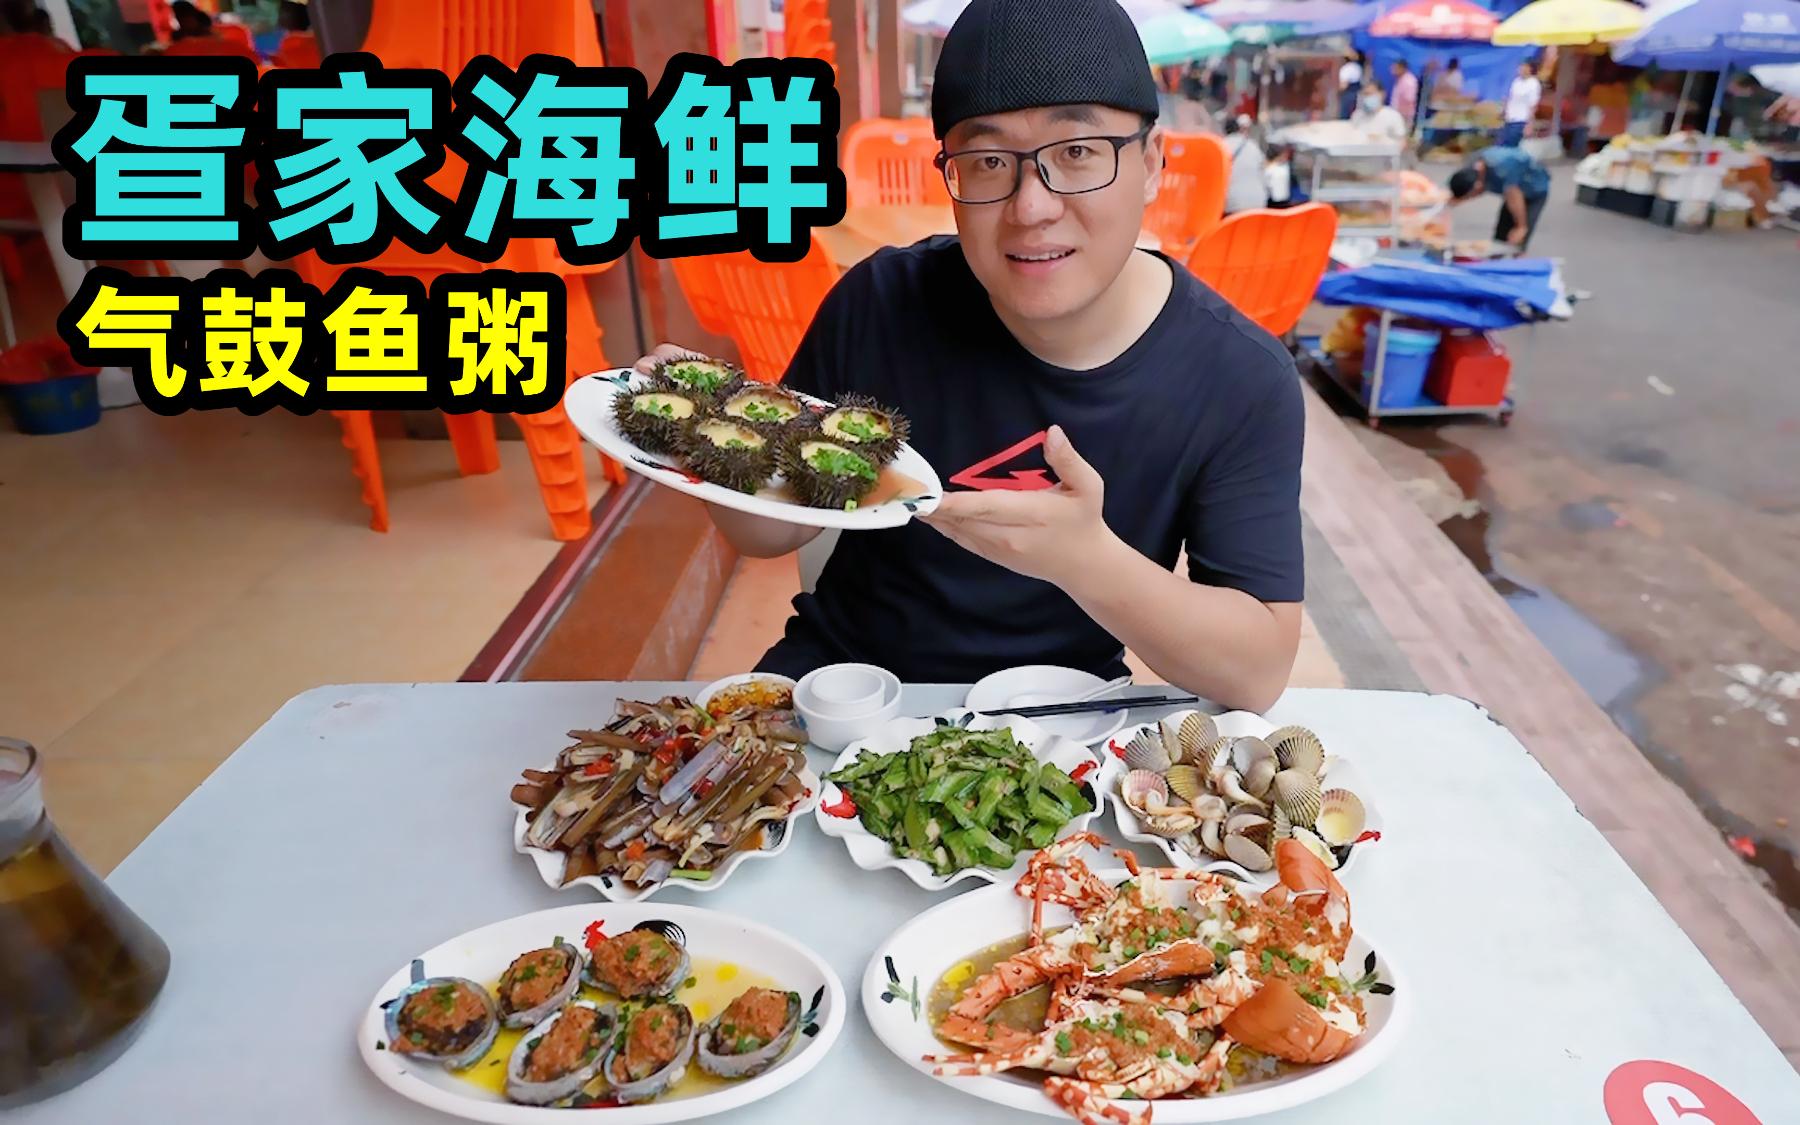 海南陵水疍家渔排,阿星坐船捞海货,气鼓鱼粥蒸龙虾,生猛海鲜